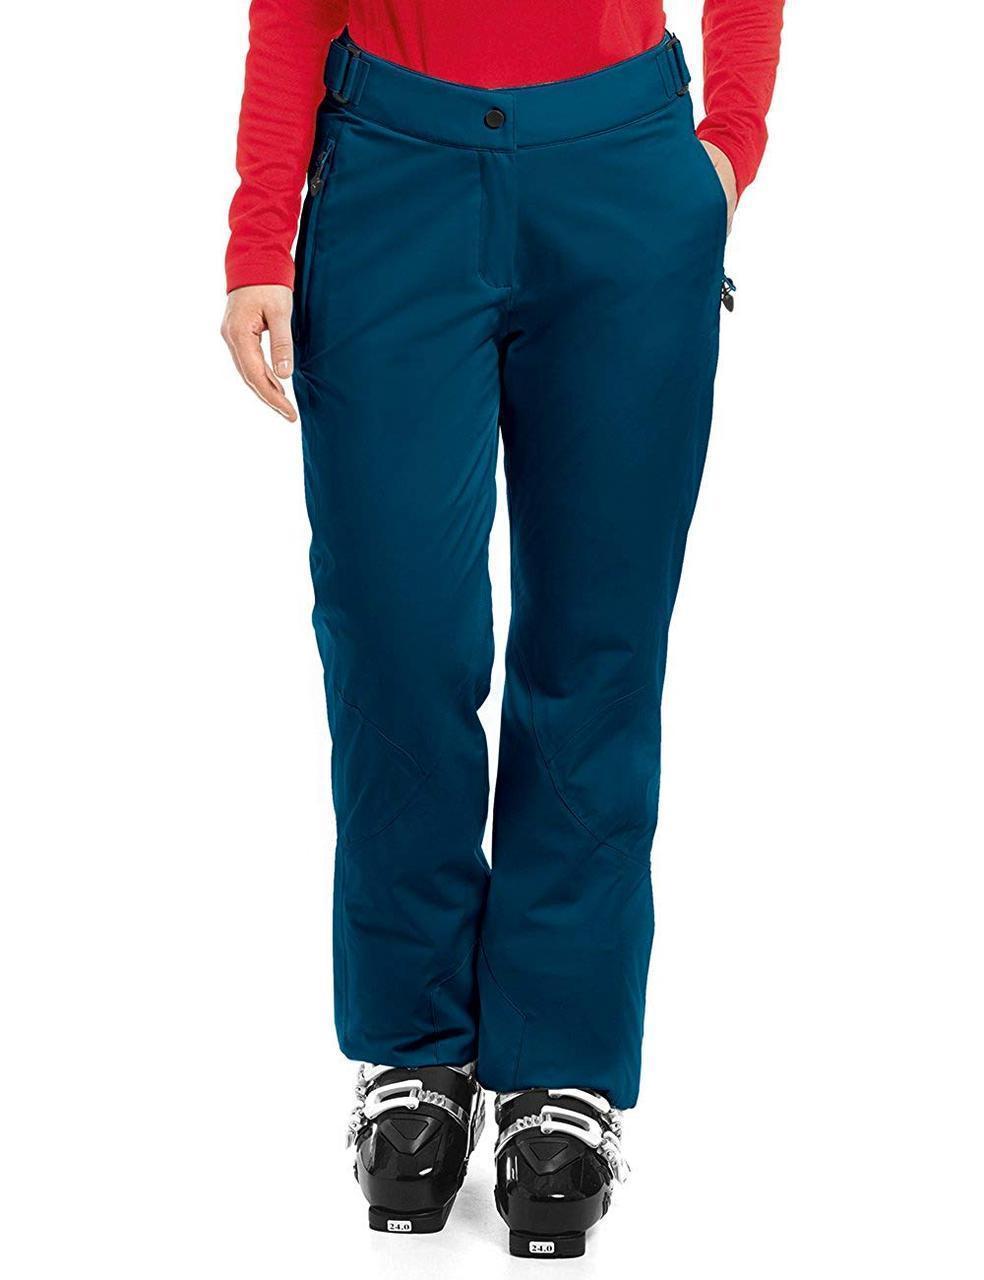 Жіночі гірськолижні штани Billabong Yana S,XS сині | Сноубордні / лижні штани